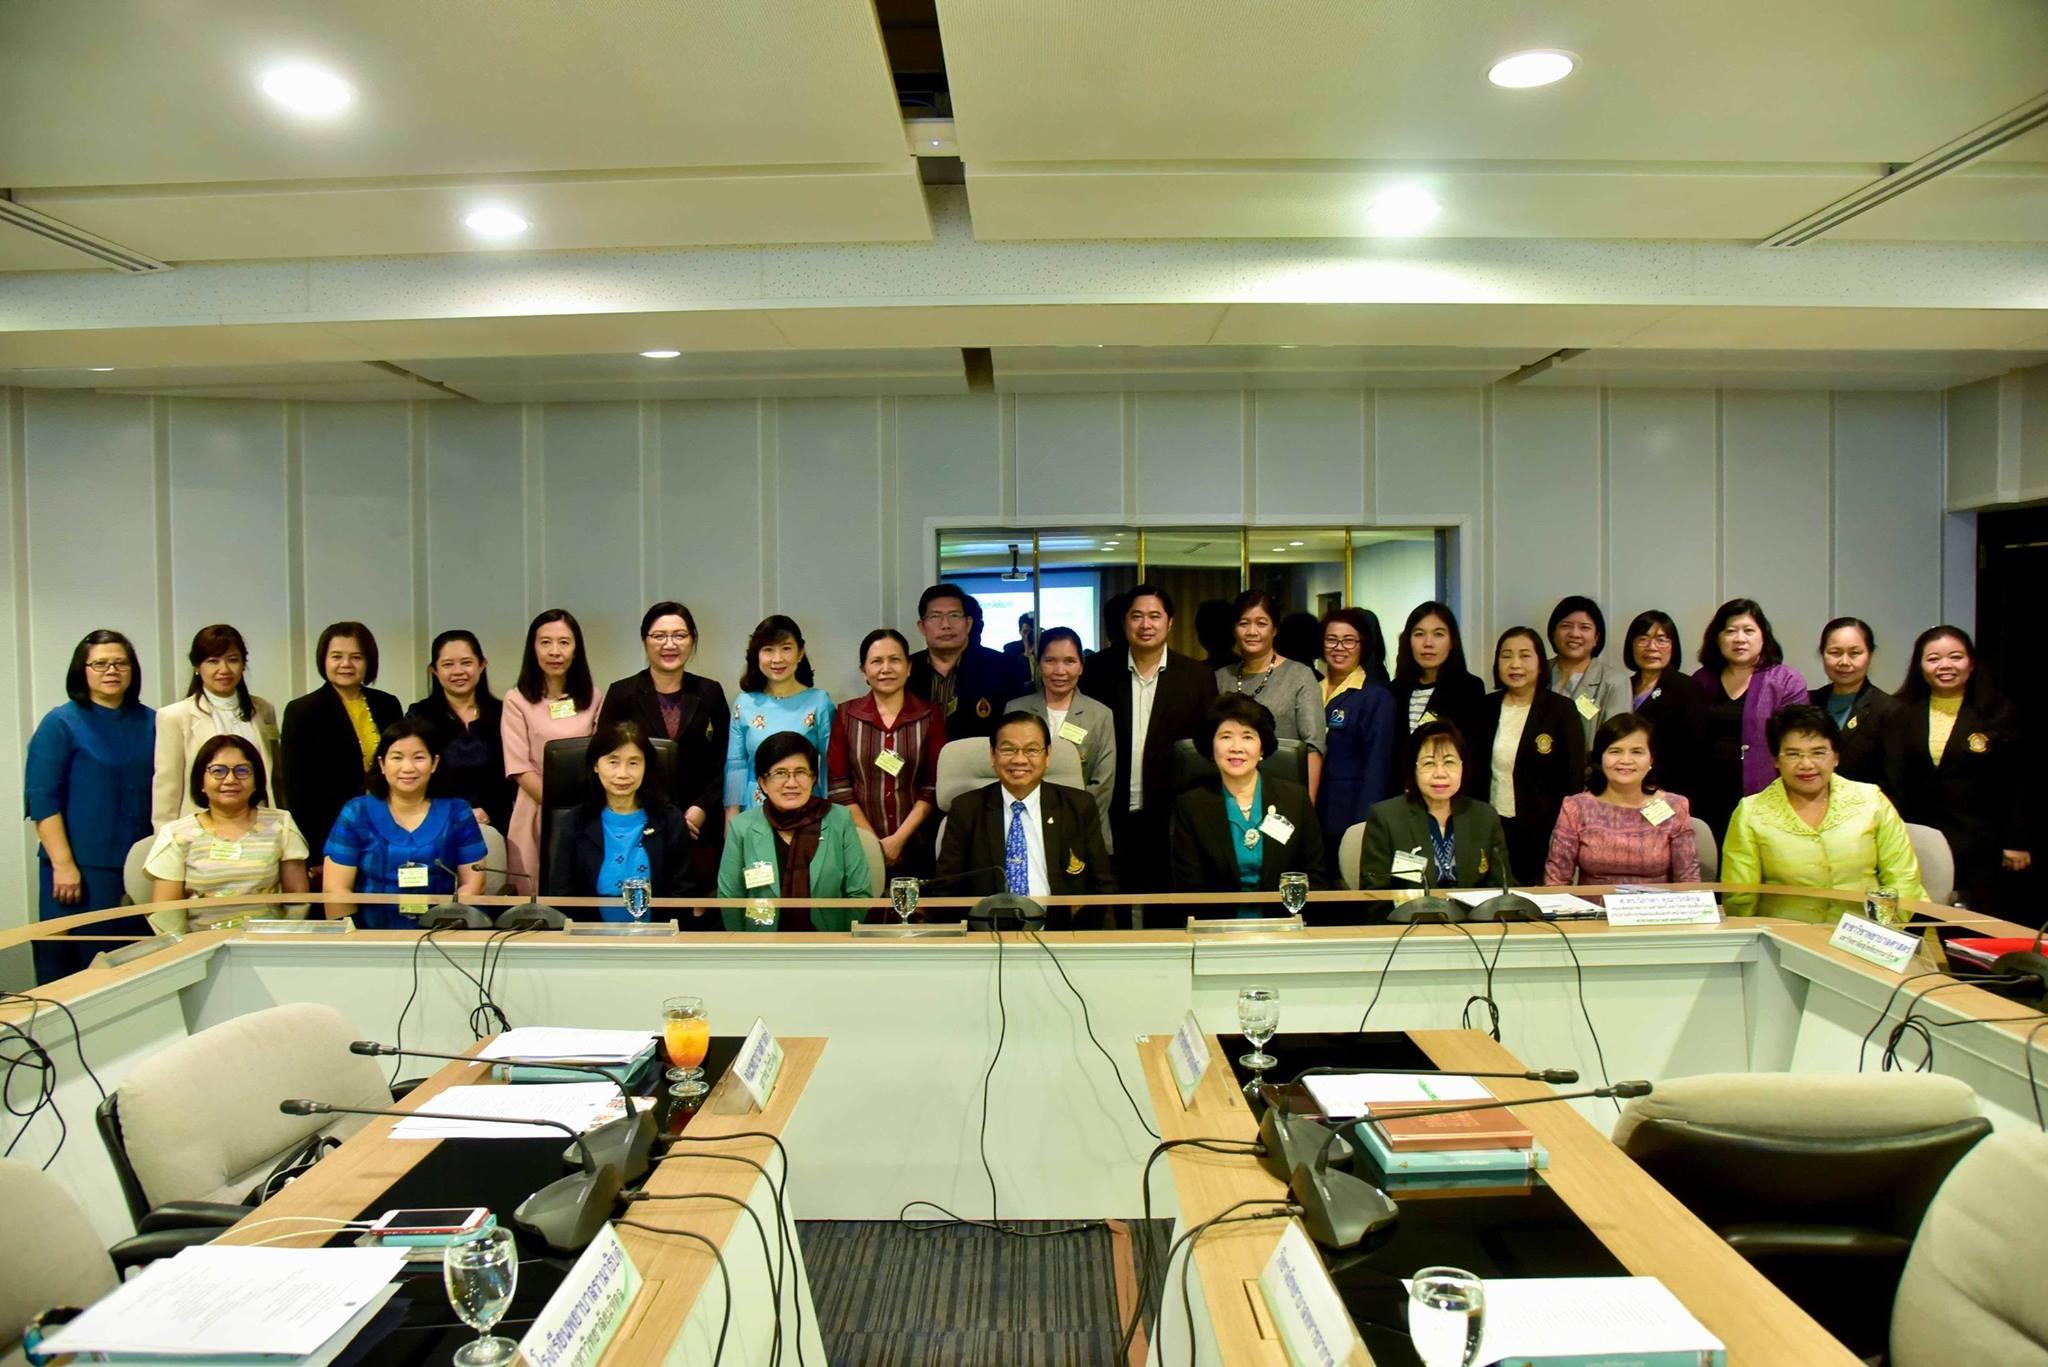 ยินดีต้อนรับที่ประชุมคณบดีและหัวหน้าสถาบันการศึกษาสาขาพยาบาลศาสตร์ของรัฐ ในการมาศึกษาดูงานระบบการศึกษาทางไกลของสาขาวิชาพยาบาลศาสตร์